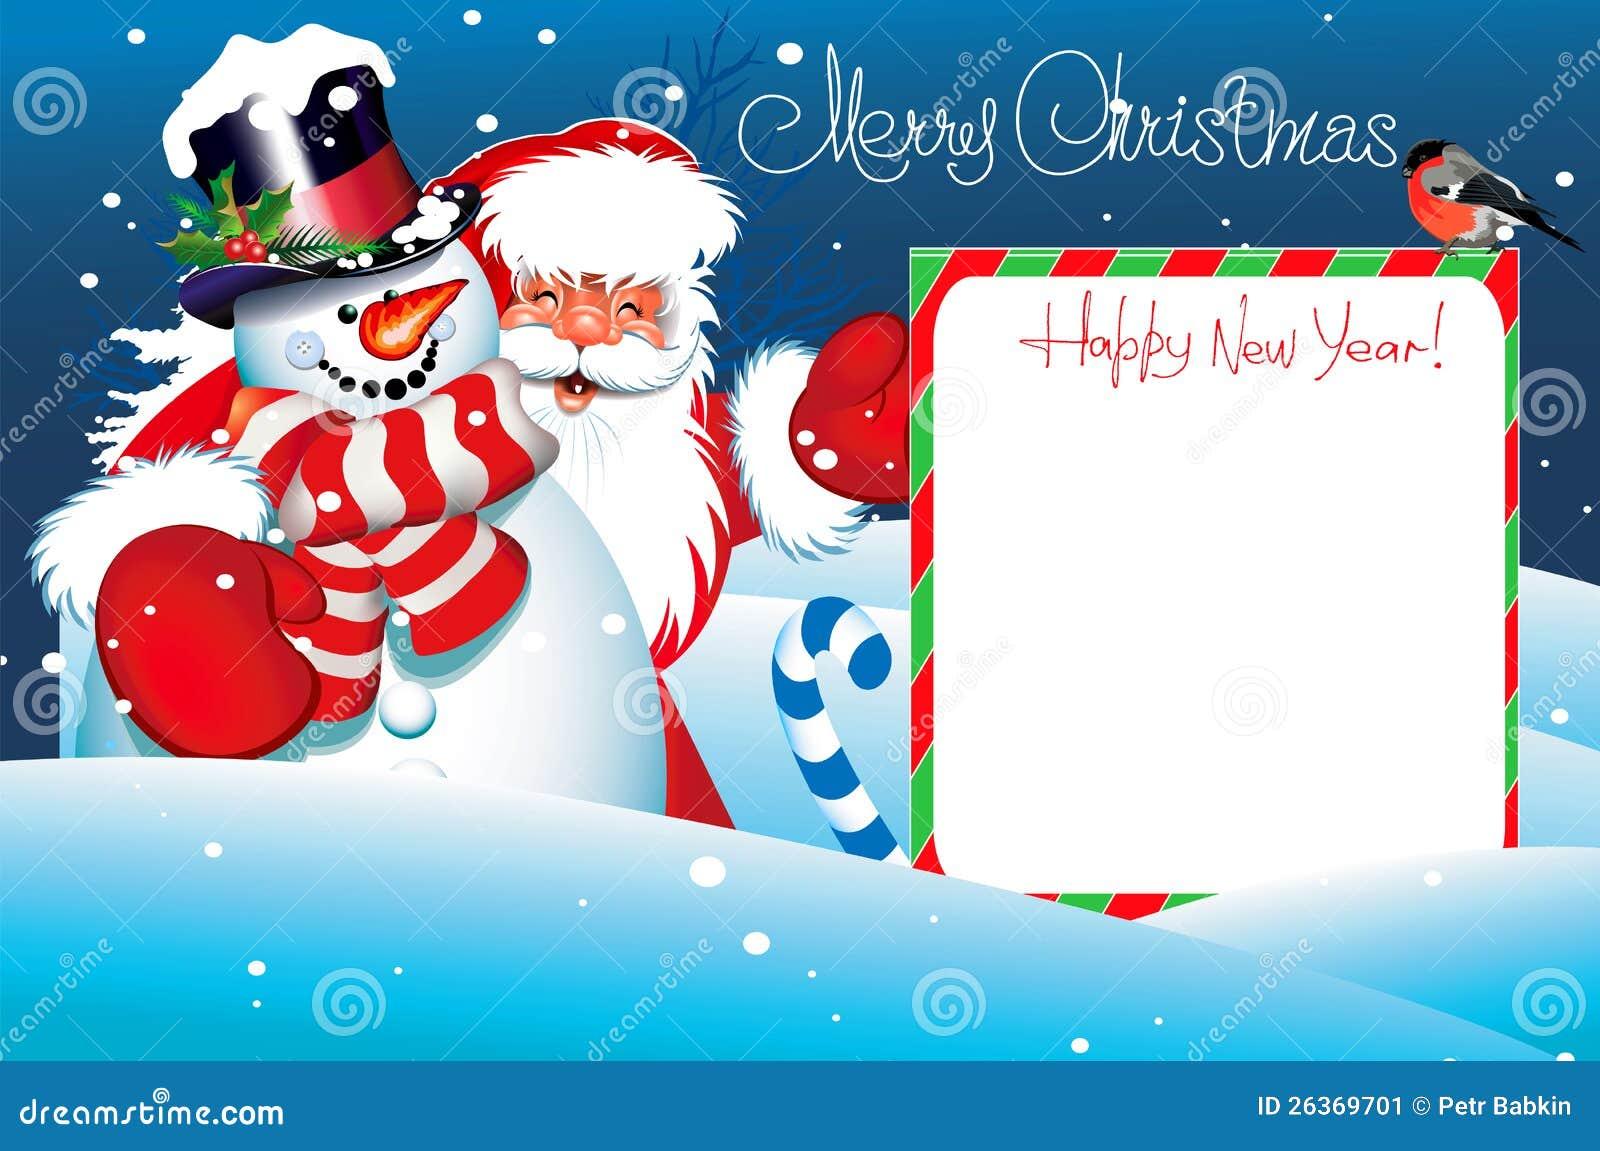 Weihnachtskarte. Beschriftung der frohen Weihnachten